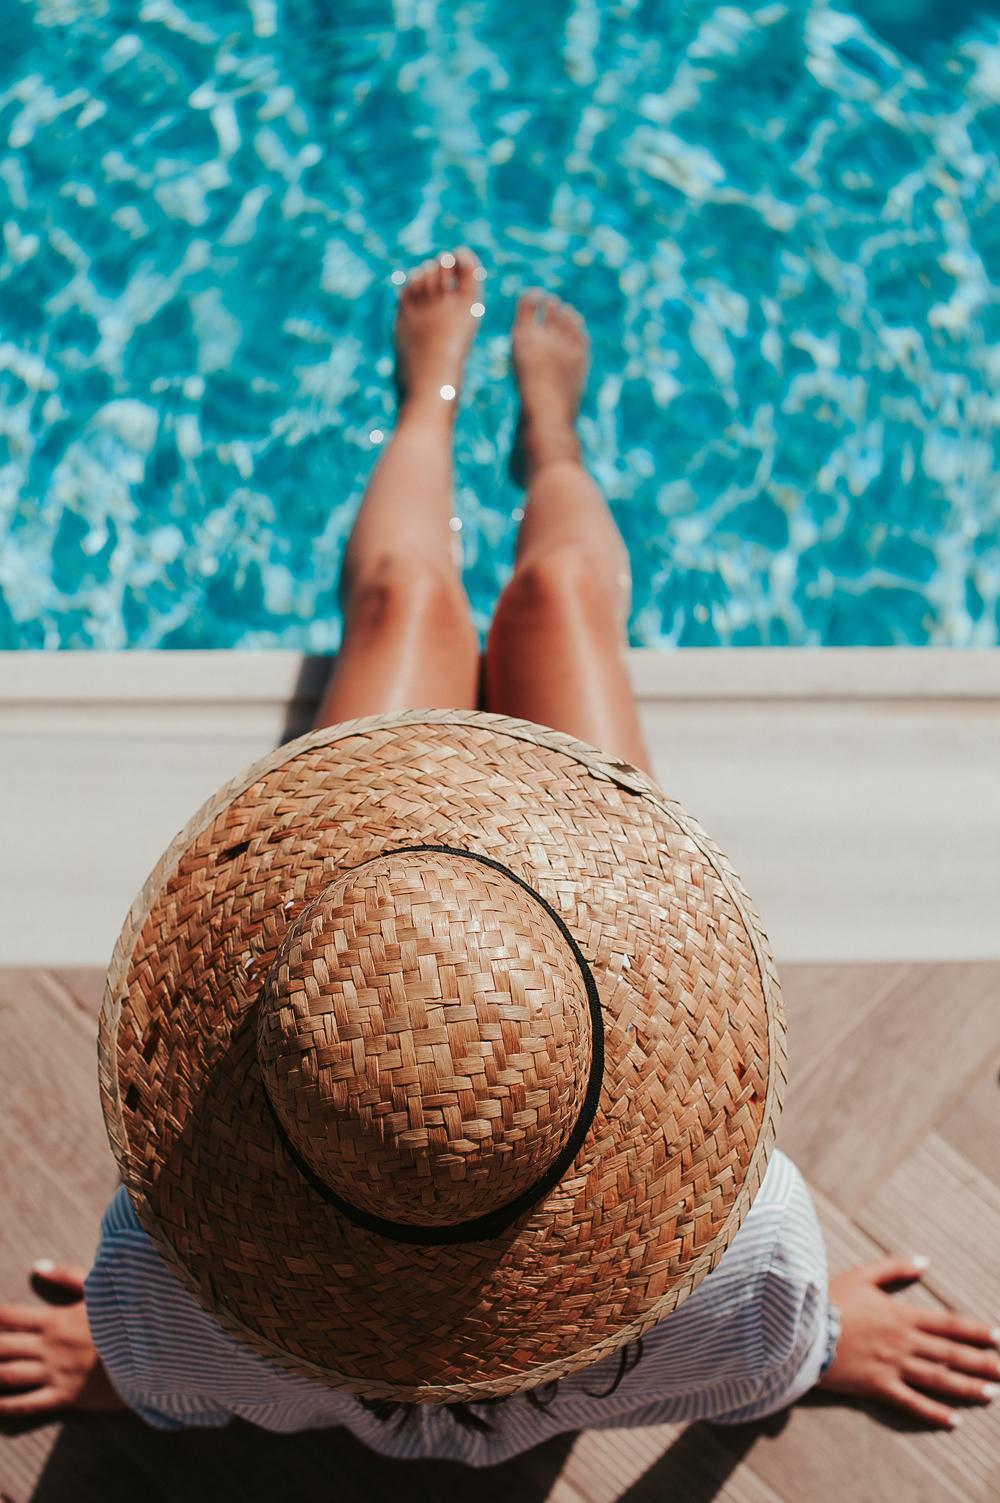 Conseils Uberti : Un super corps pour l'été